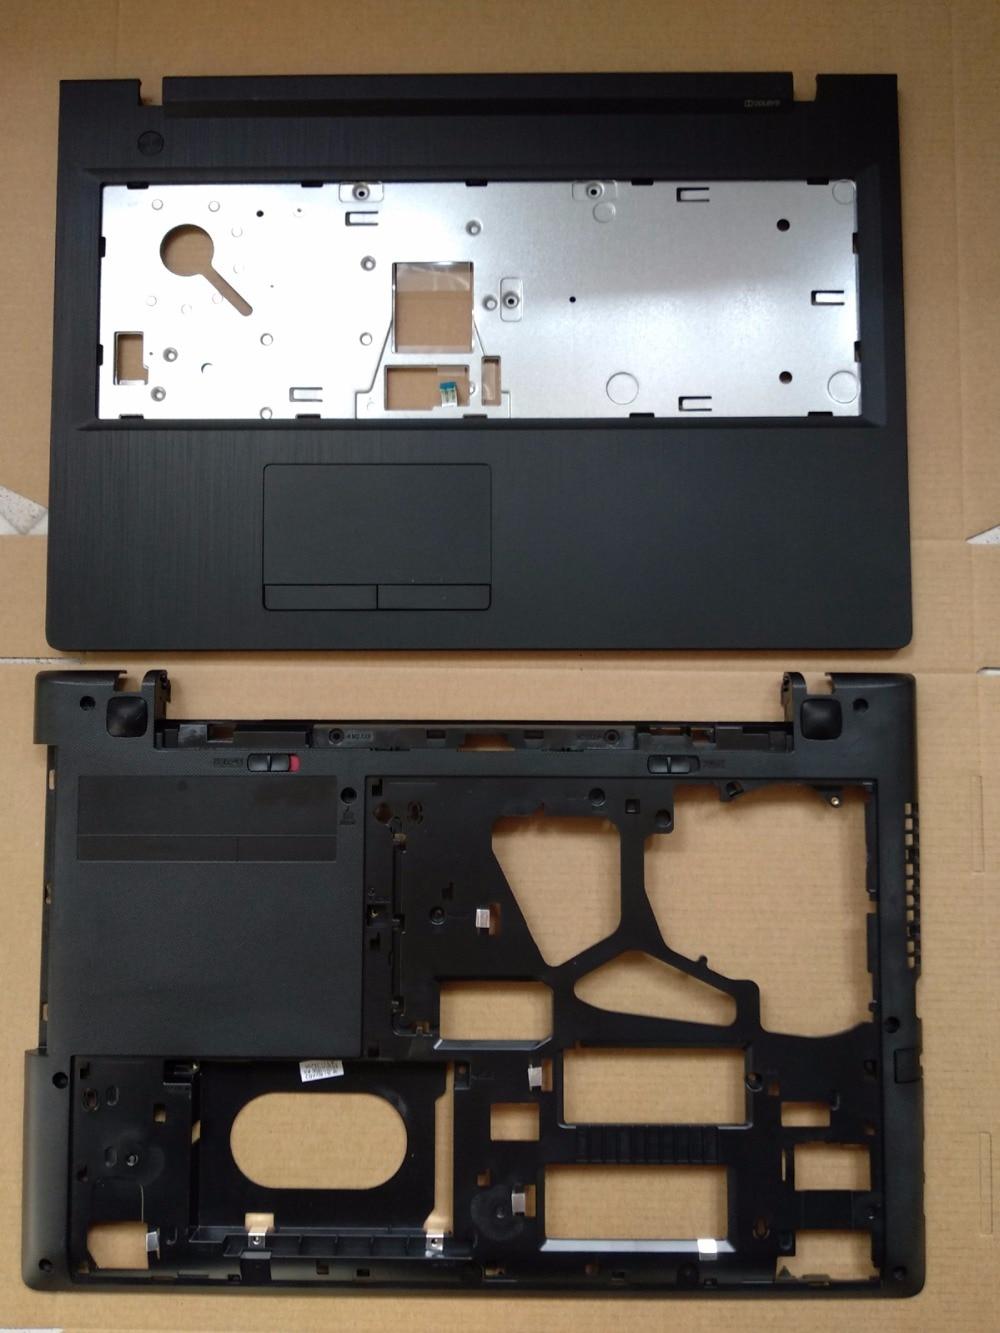 New Original For Lenovo G50 G50-45 G50-70 G50-80 Z50 Z50-45 Palmrest Cover Upper Case + Bottom Case AP0TH000400 AP0TH000800 new for lenovo g50 70a g50 70 g50 70m g50 80 g50 30 g50 45 z50 80 z50 30 z50 40 z50 45 z50 70 laptop bottom case